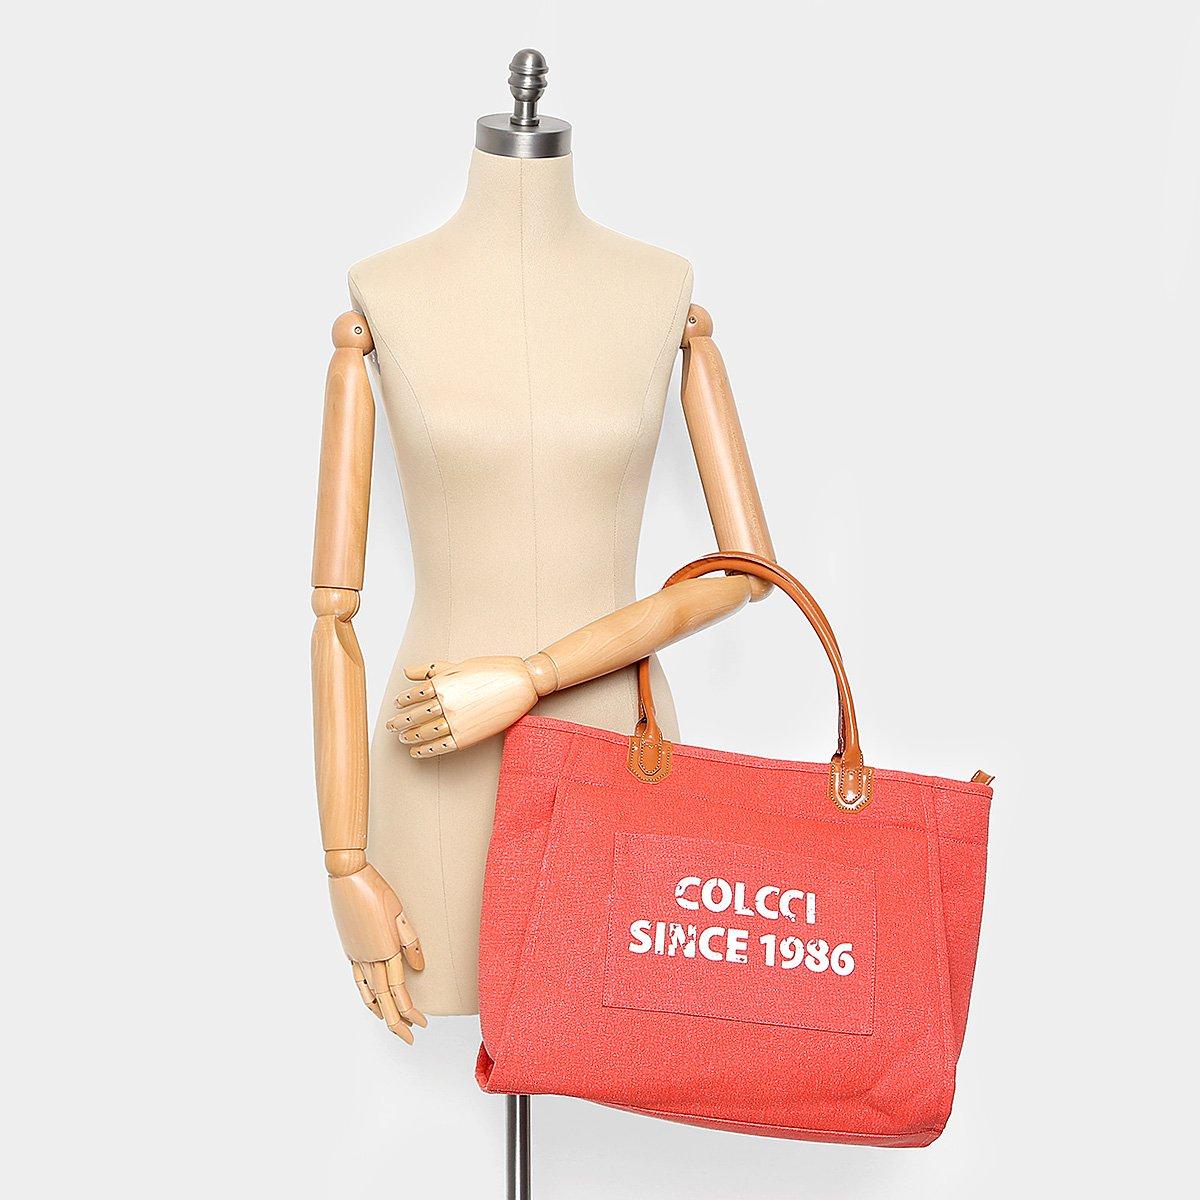 cb186188b Bolsa Shopping Bag Colcci Feminina | Livelo -Sua Vida com Mais ...